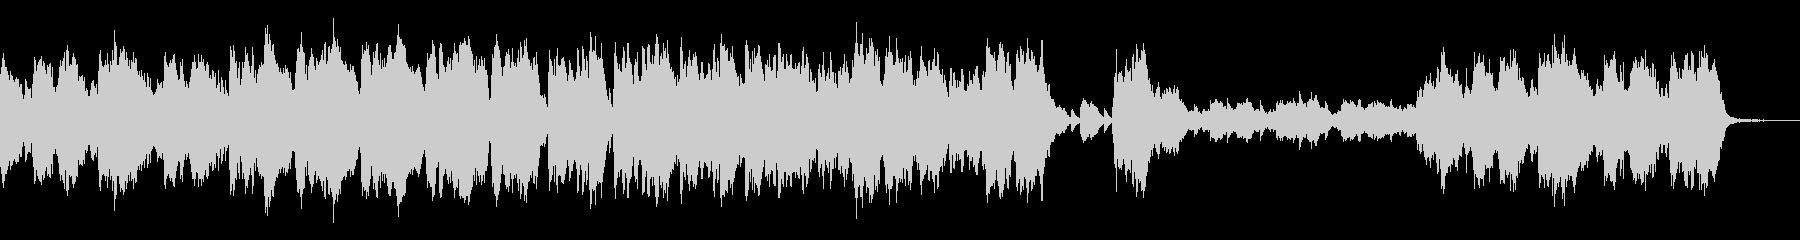 シンセベルを合わせた不穏なオーケストラ曲の未再生の波形